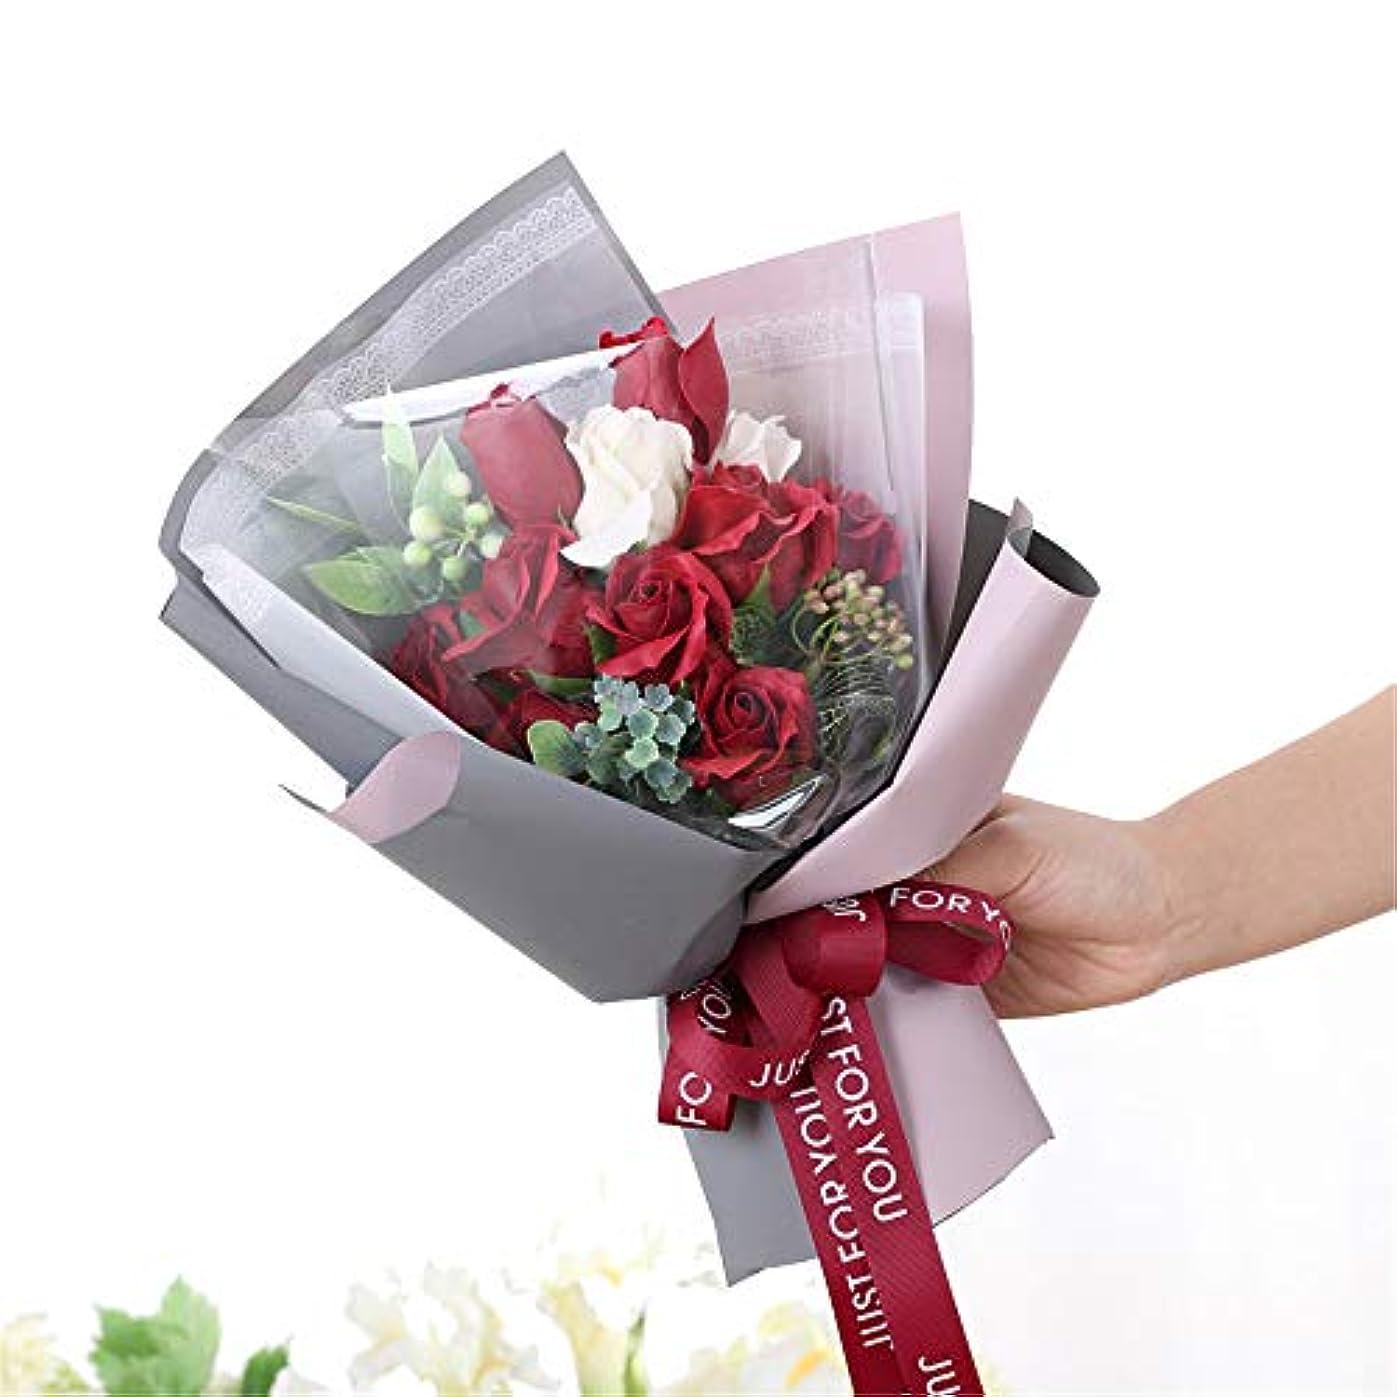 インフレーション無効良心手作りのバラ石鹸フラワーブーケのギフトボックス、女性のためのギフトバレンタインデー、母の日、結婚式、クリスマス、誕生日を愛した女の子 (色 : 赤)